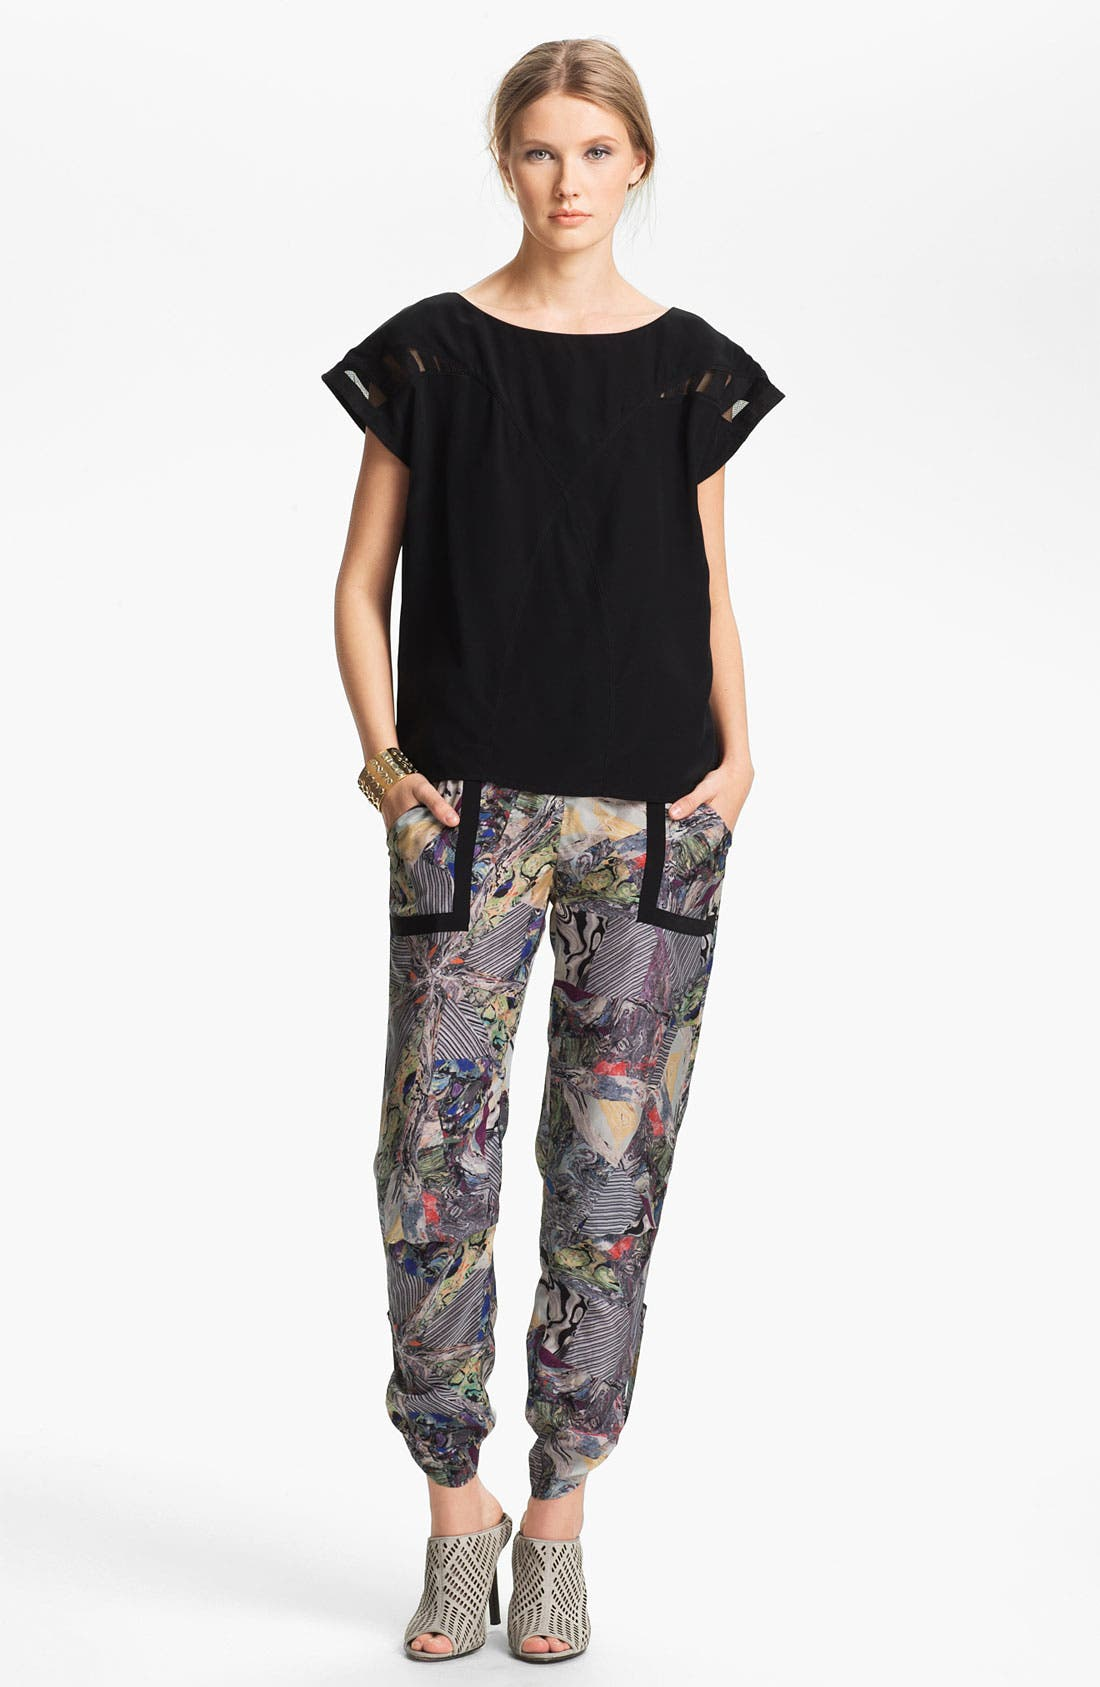 Alternate Image 1 Selected - Kelly Wearstler Top & Pants